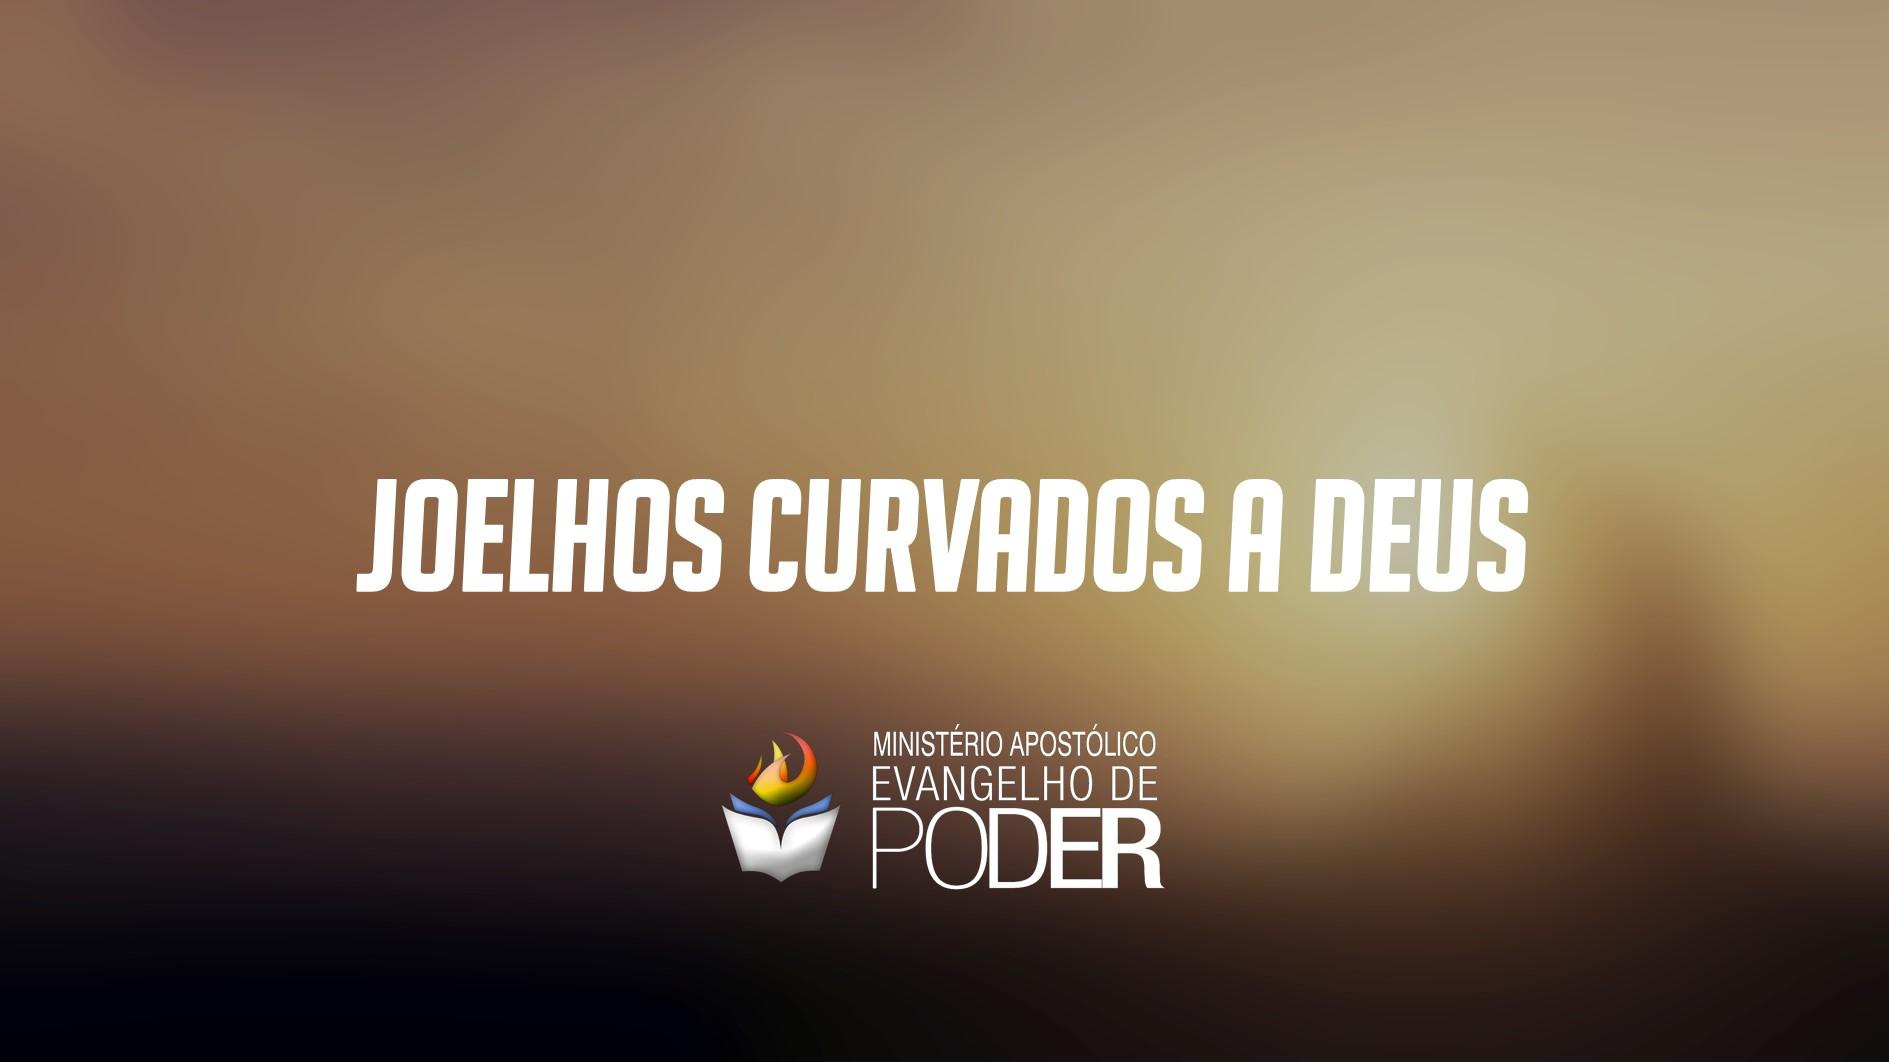 JOELHOS CURVADOS A DEUS